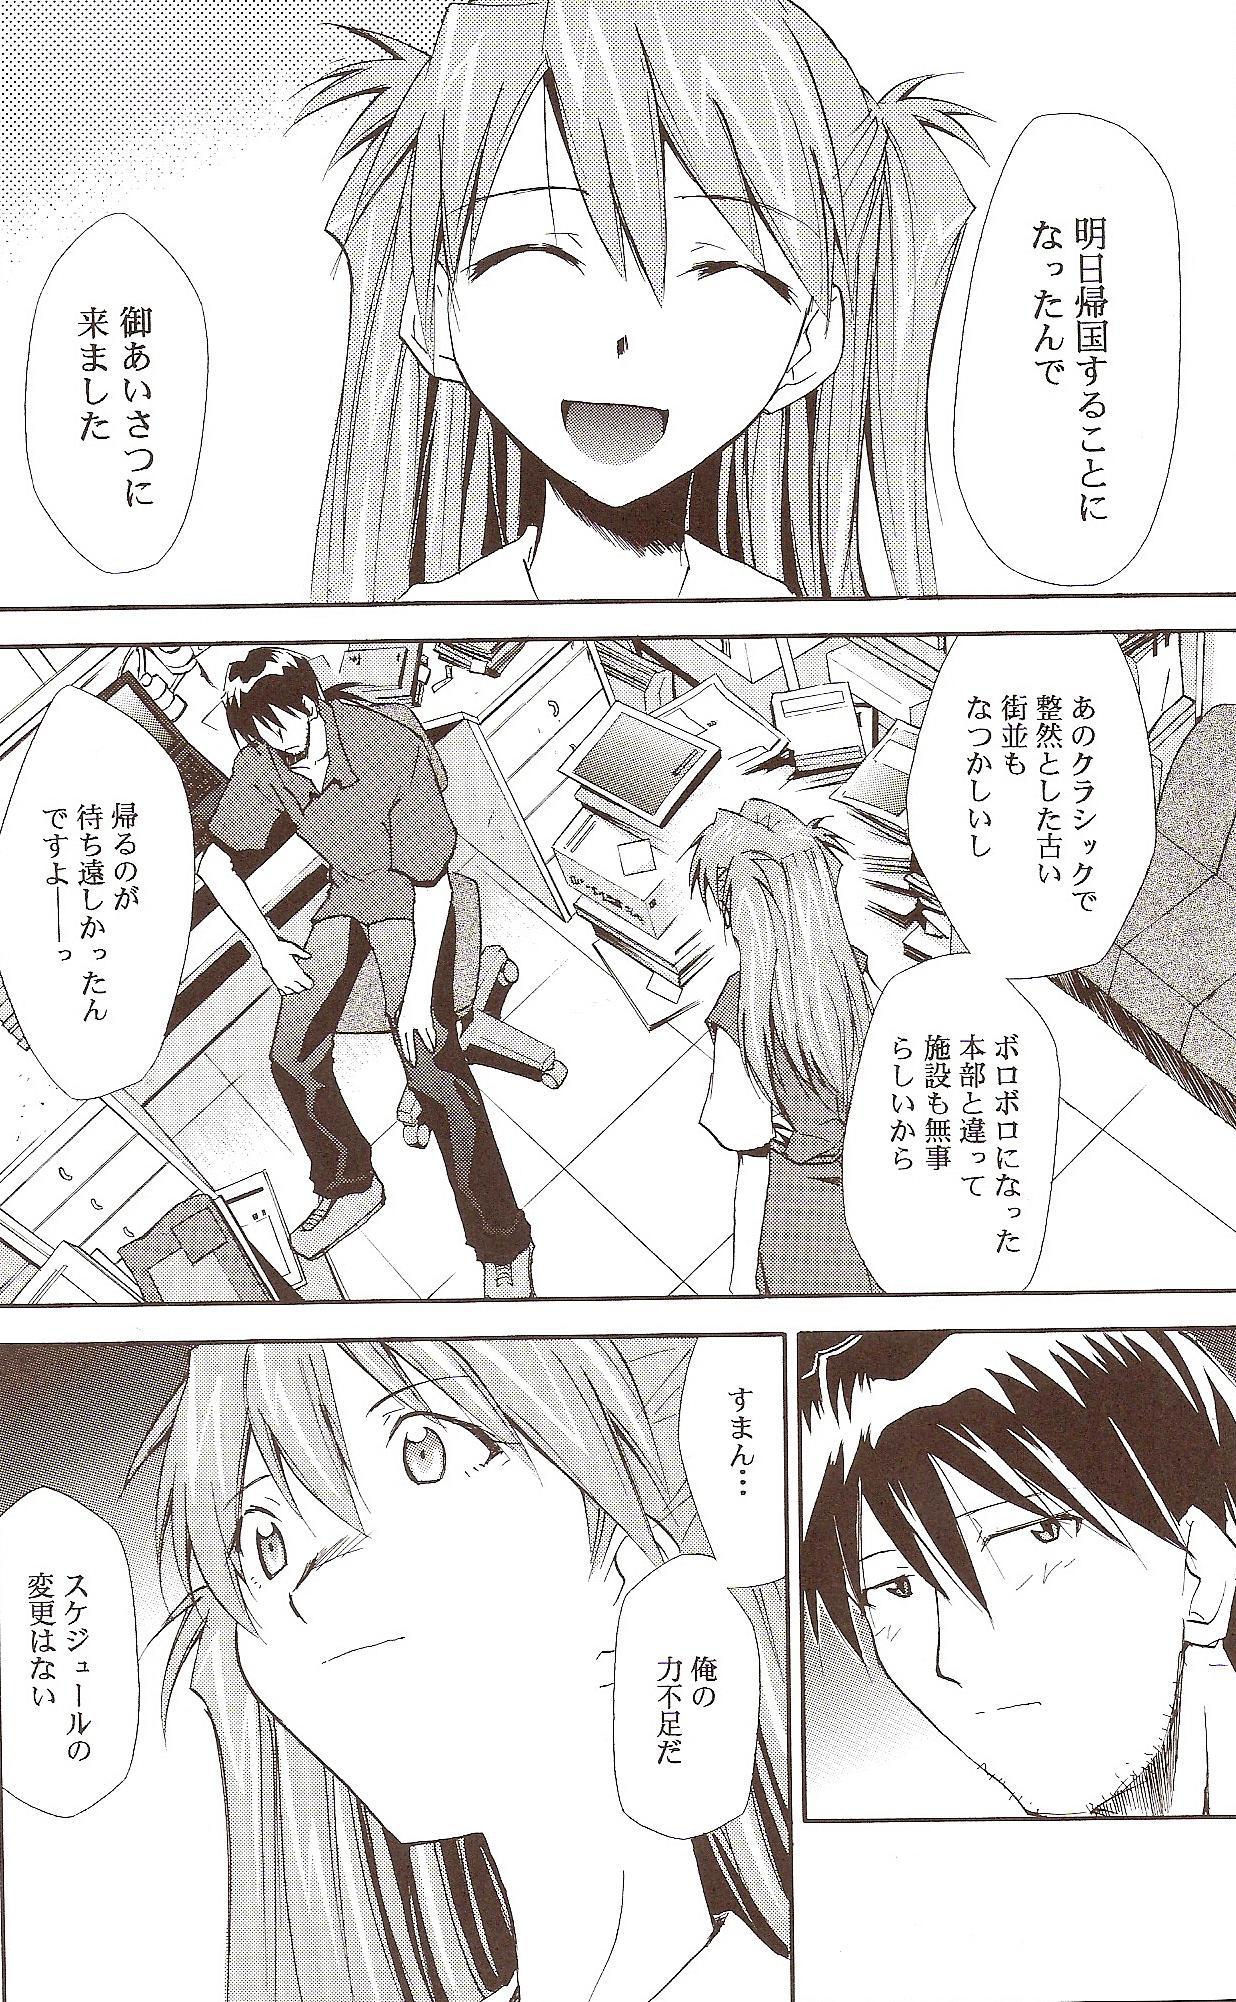 RE-TAKE 37